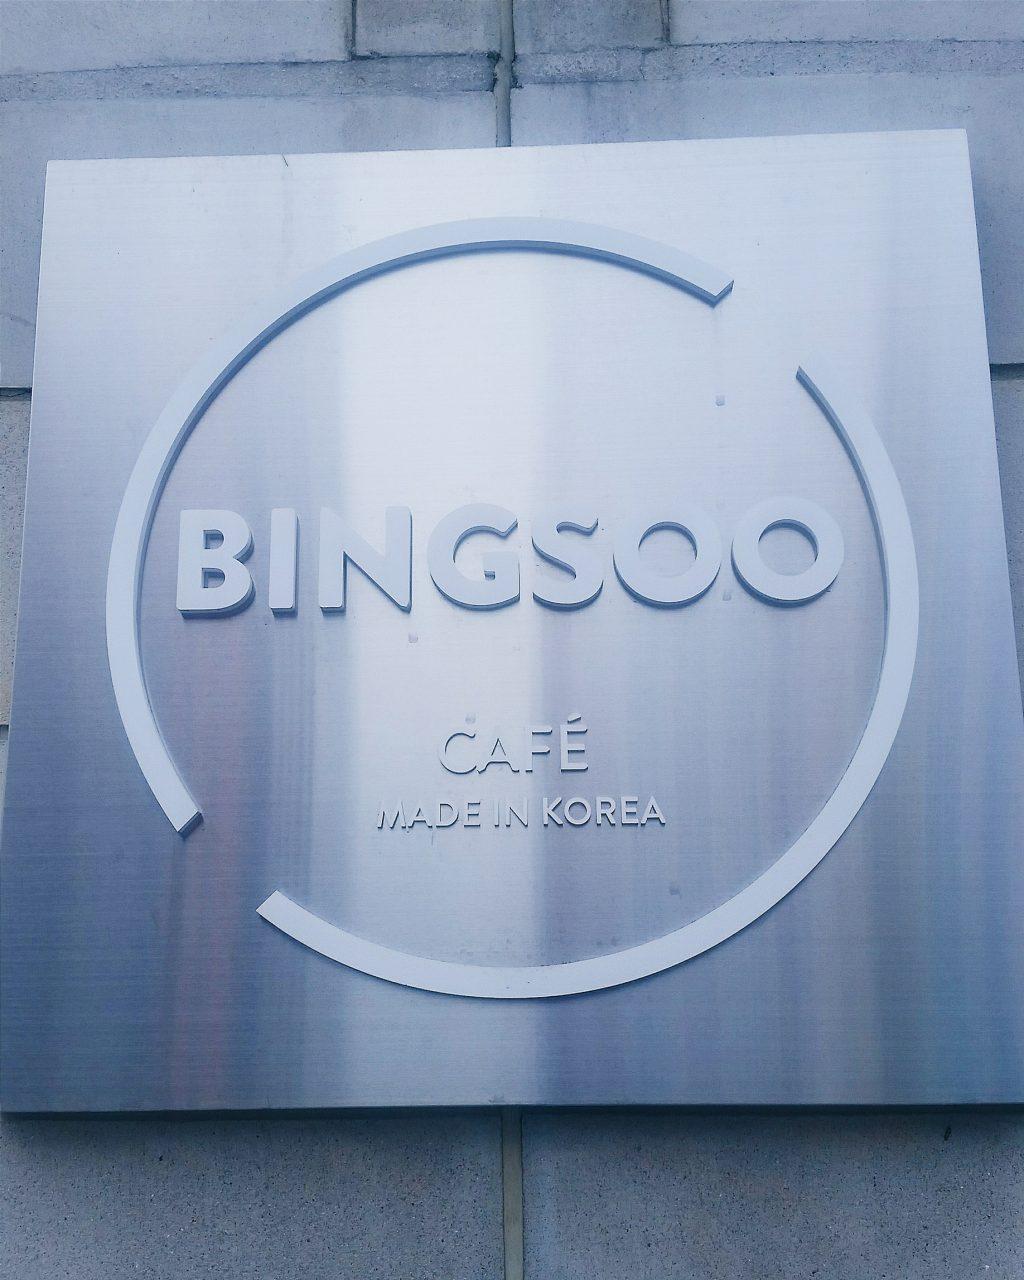 bingsoo cafe sign